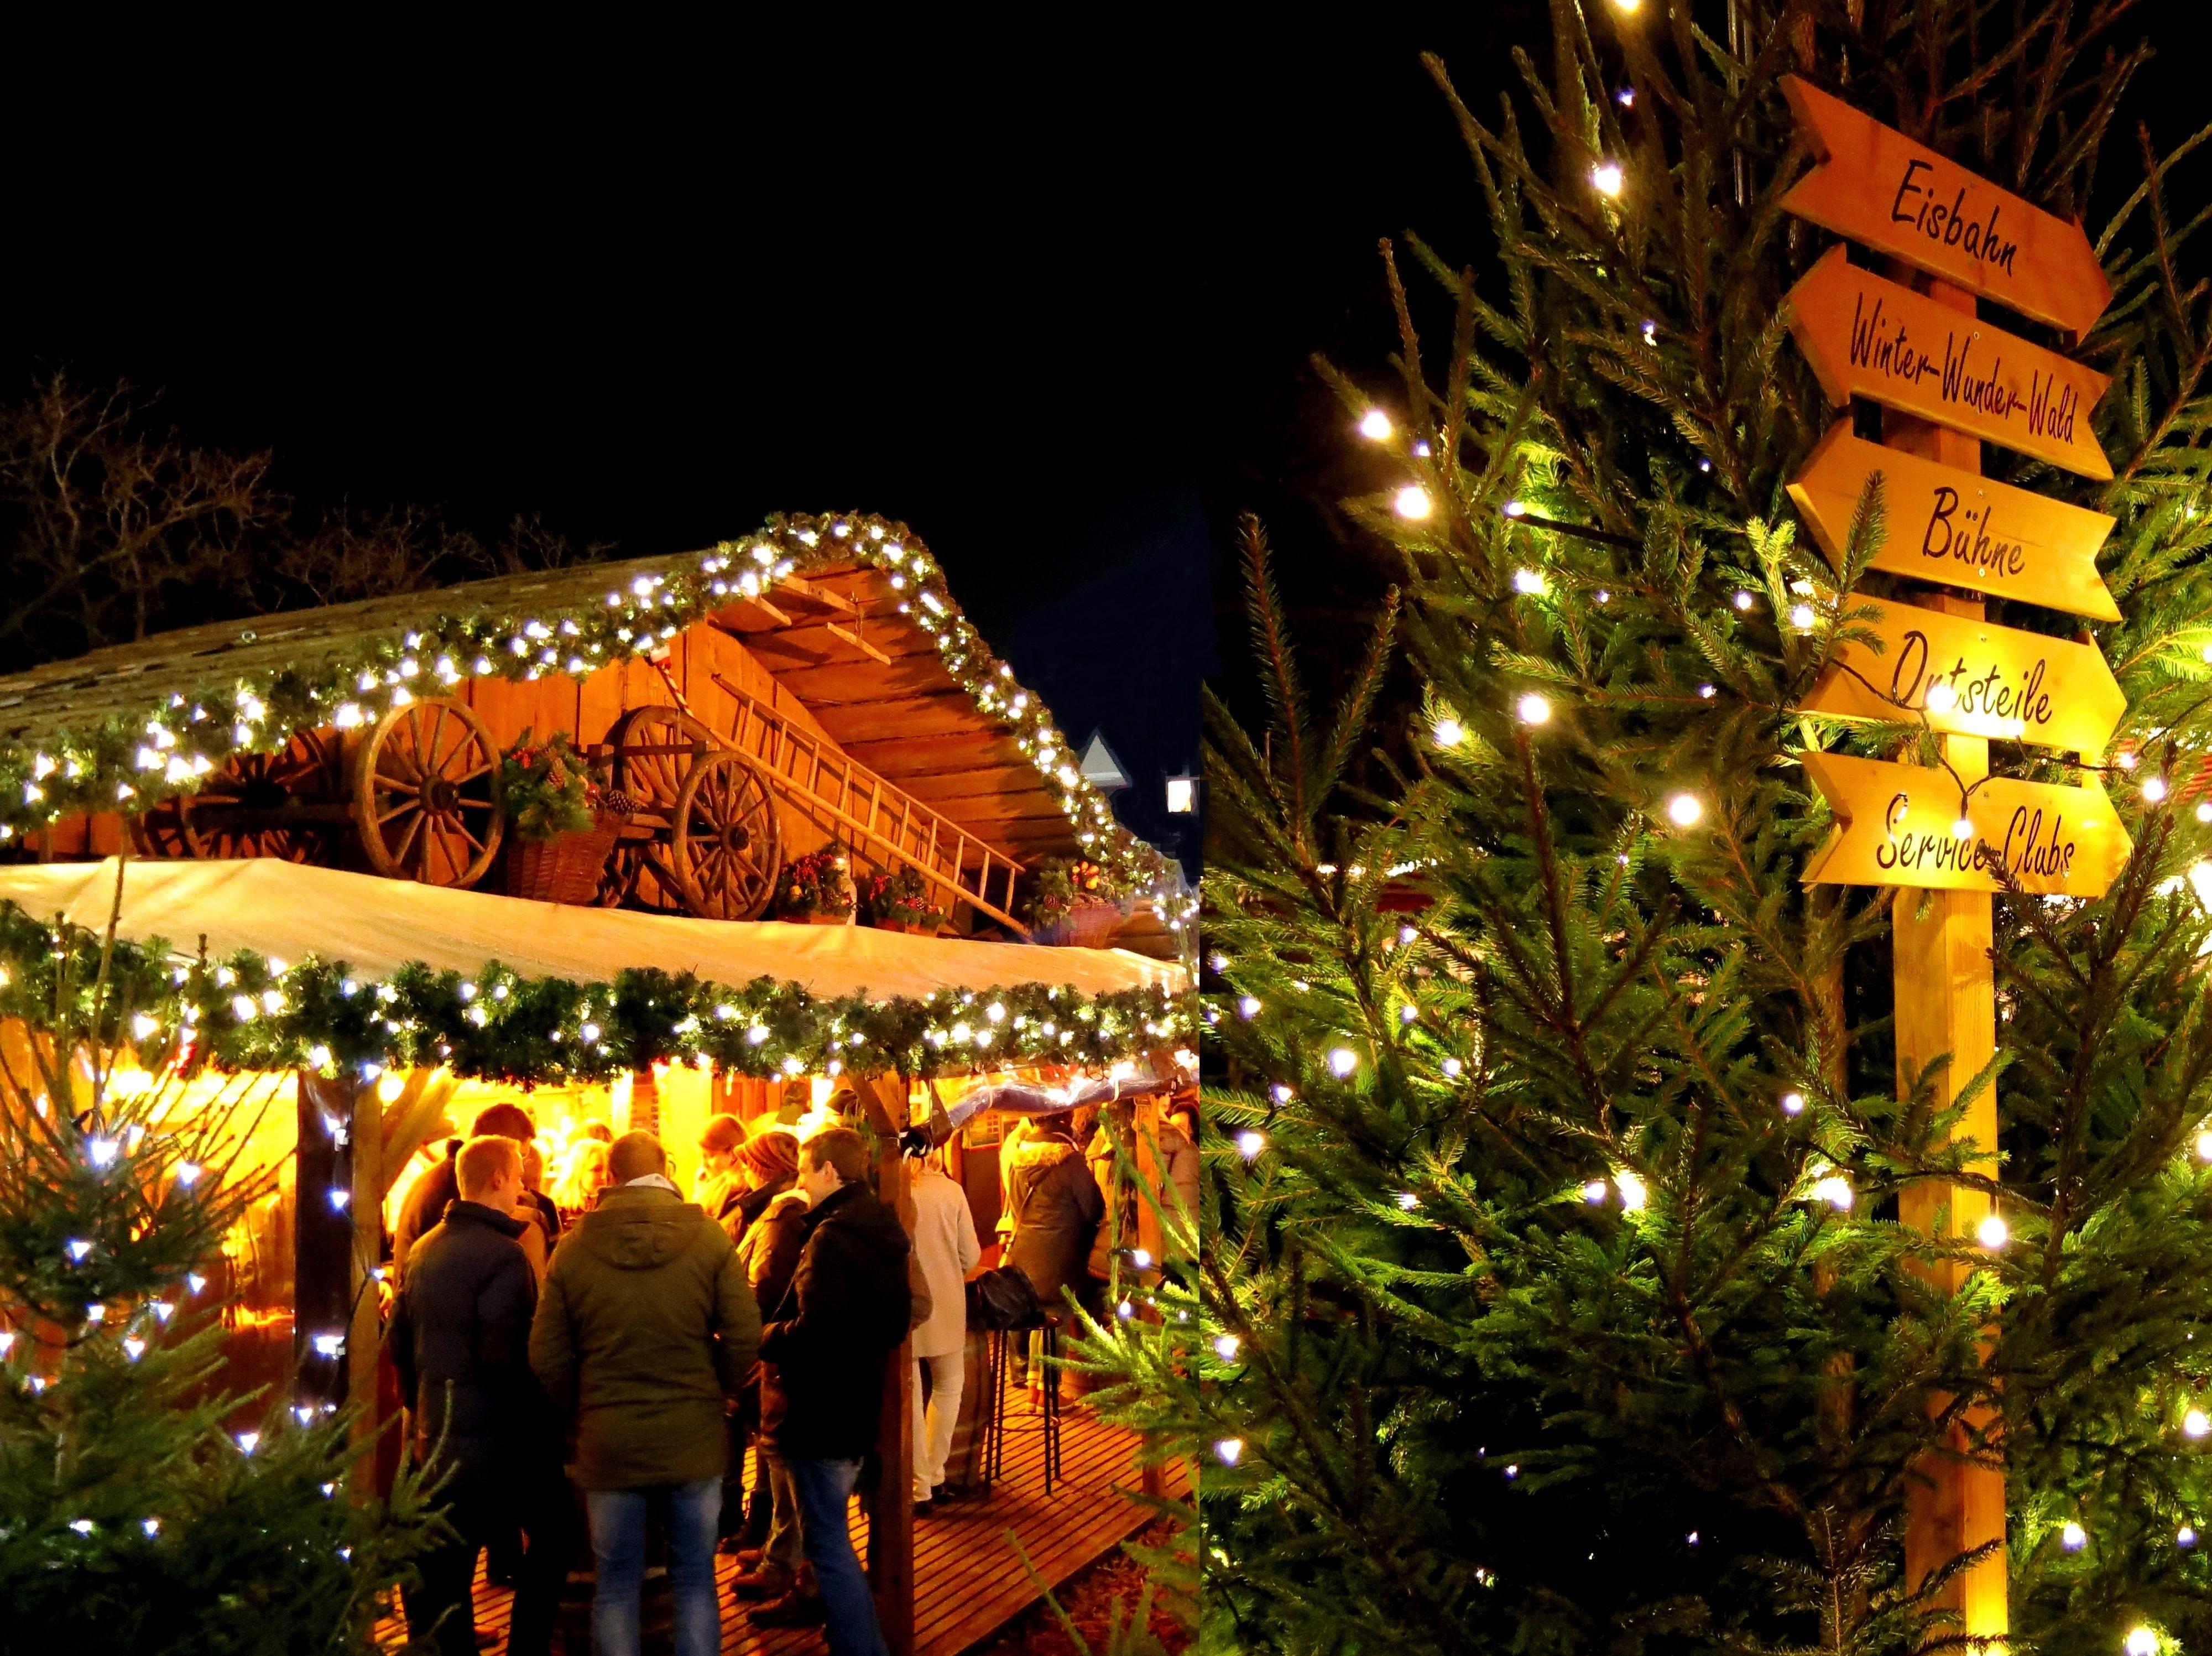 Lippstädter Weihnachtsmarkt